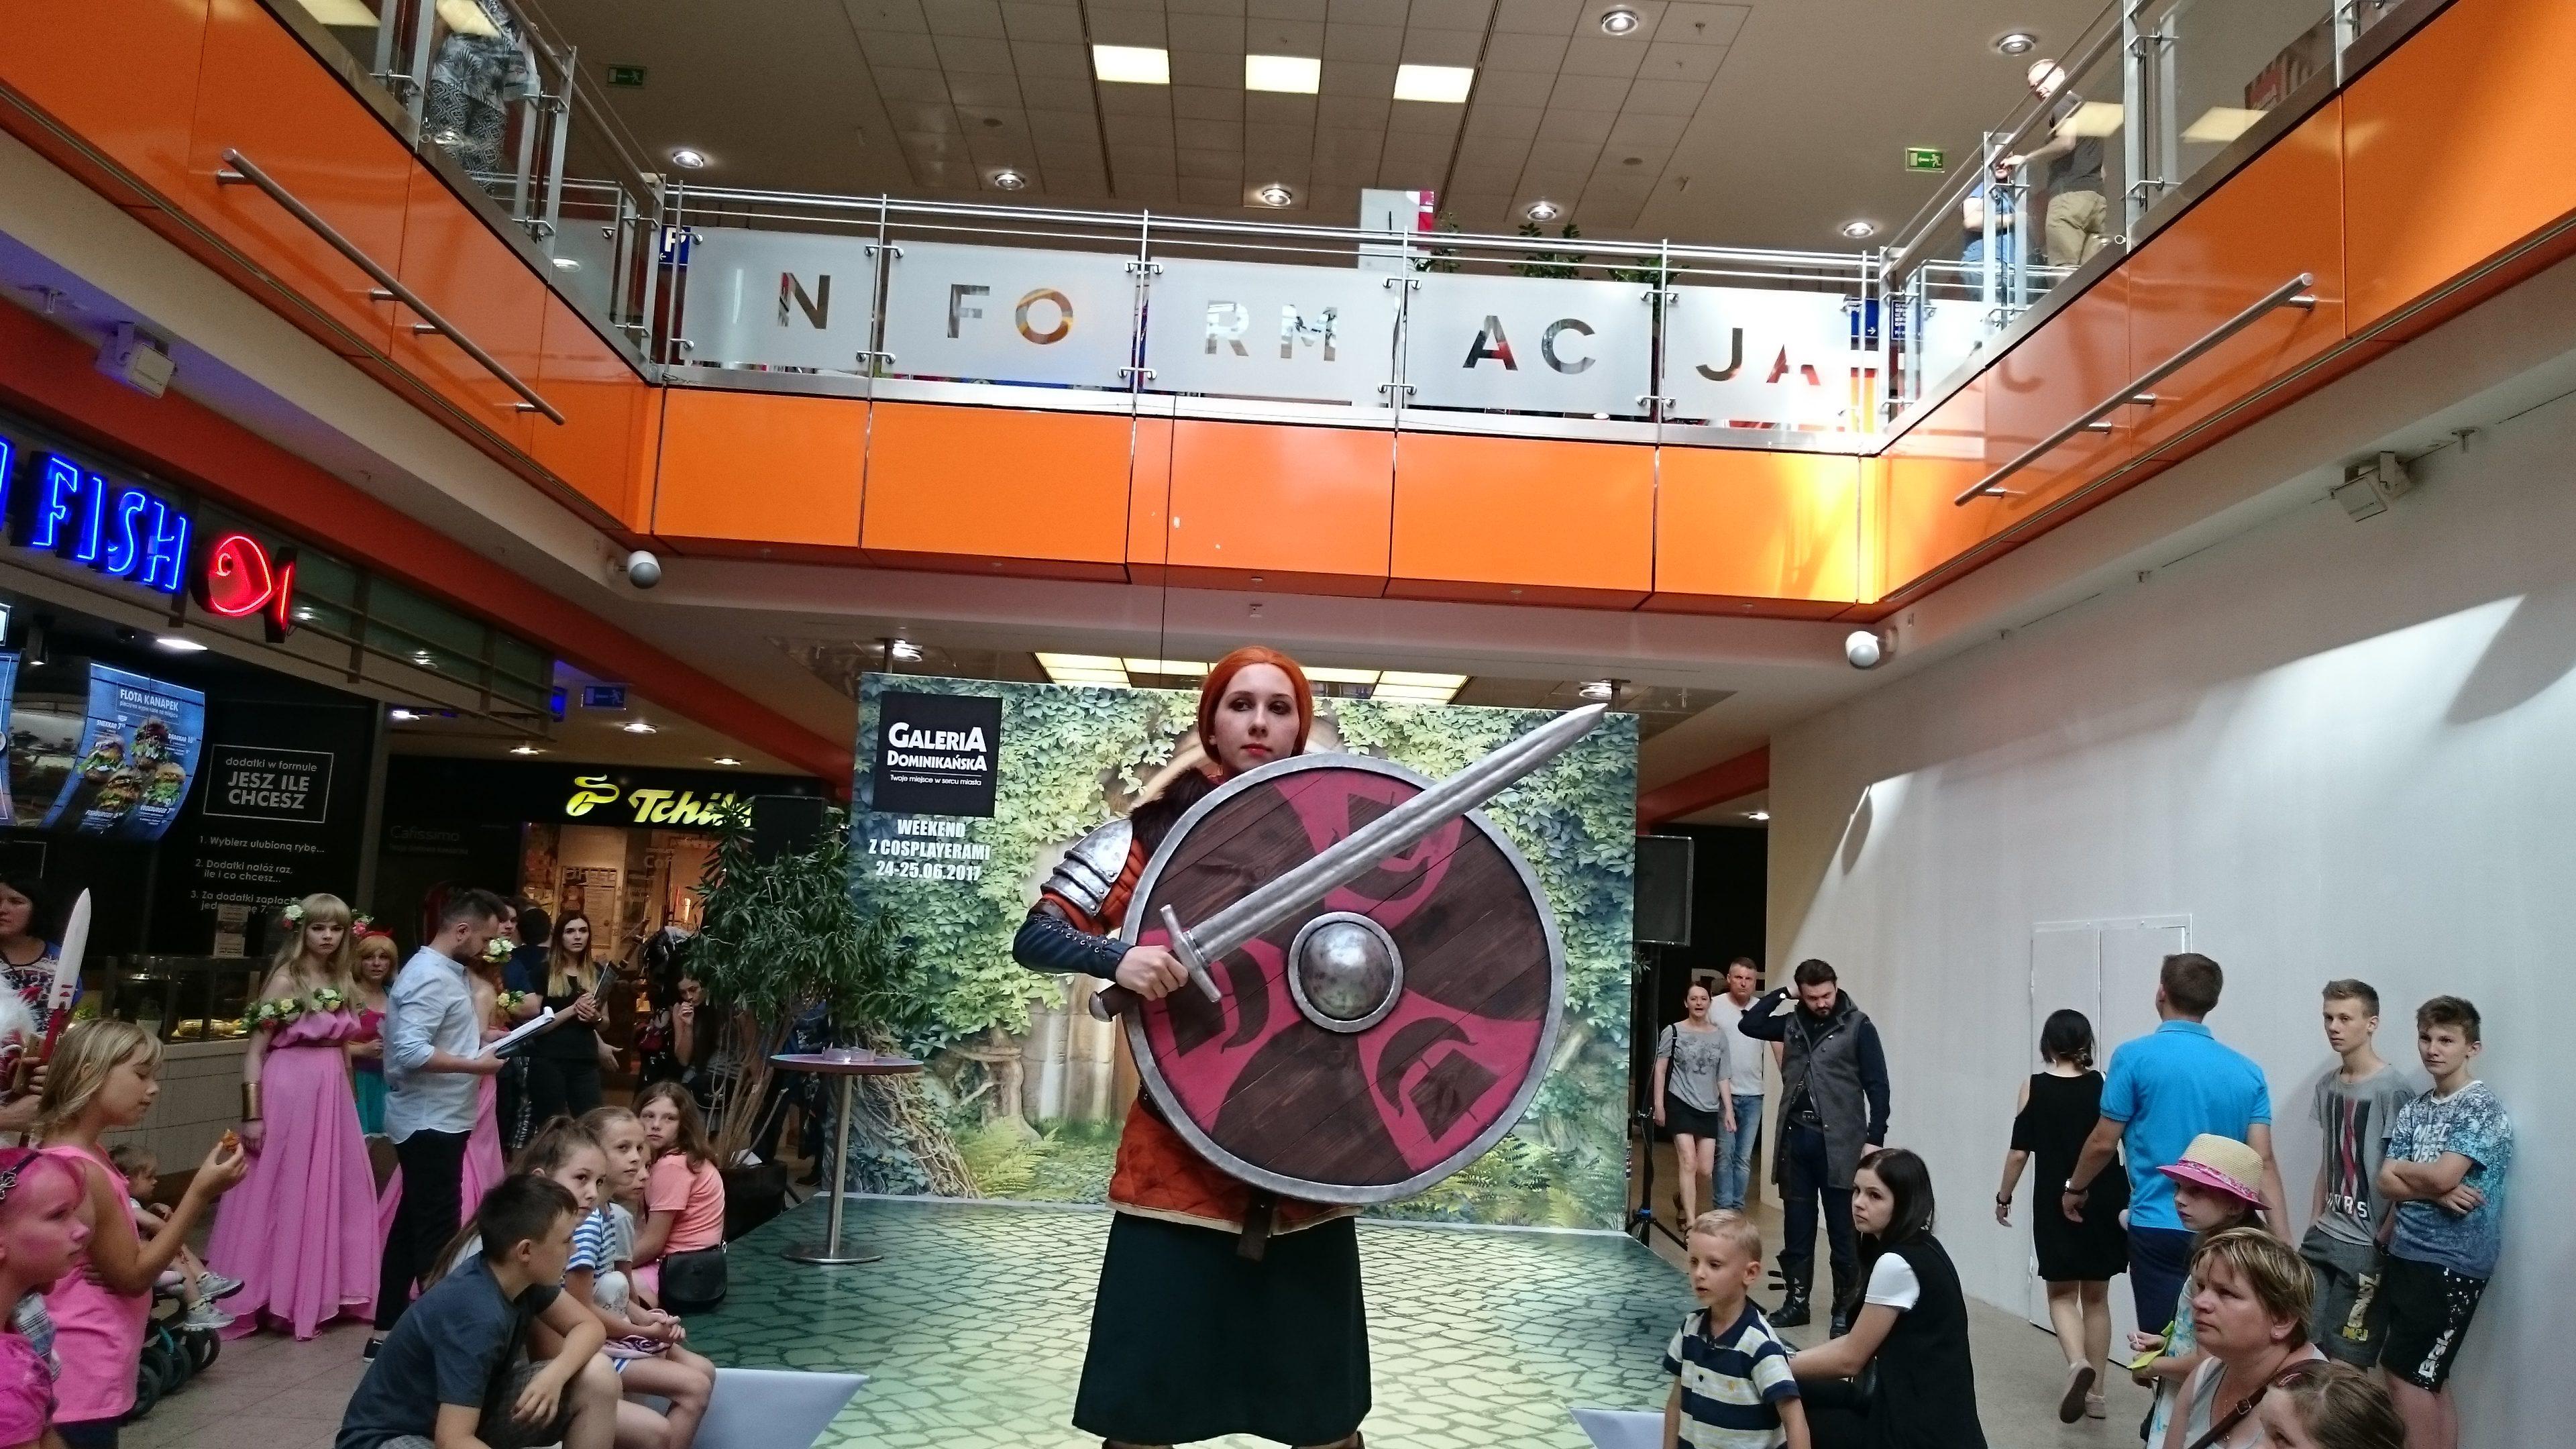 Lorien w cosplayu podczas weekendu z cosplayerami w Galerii Dominikańskiej we Wrocławiu